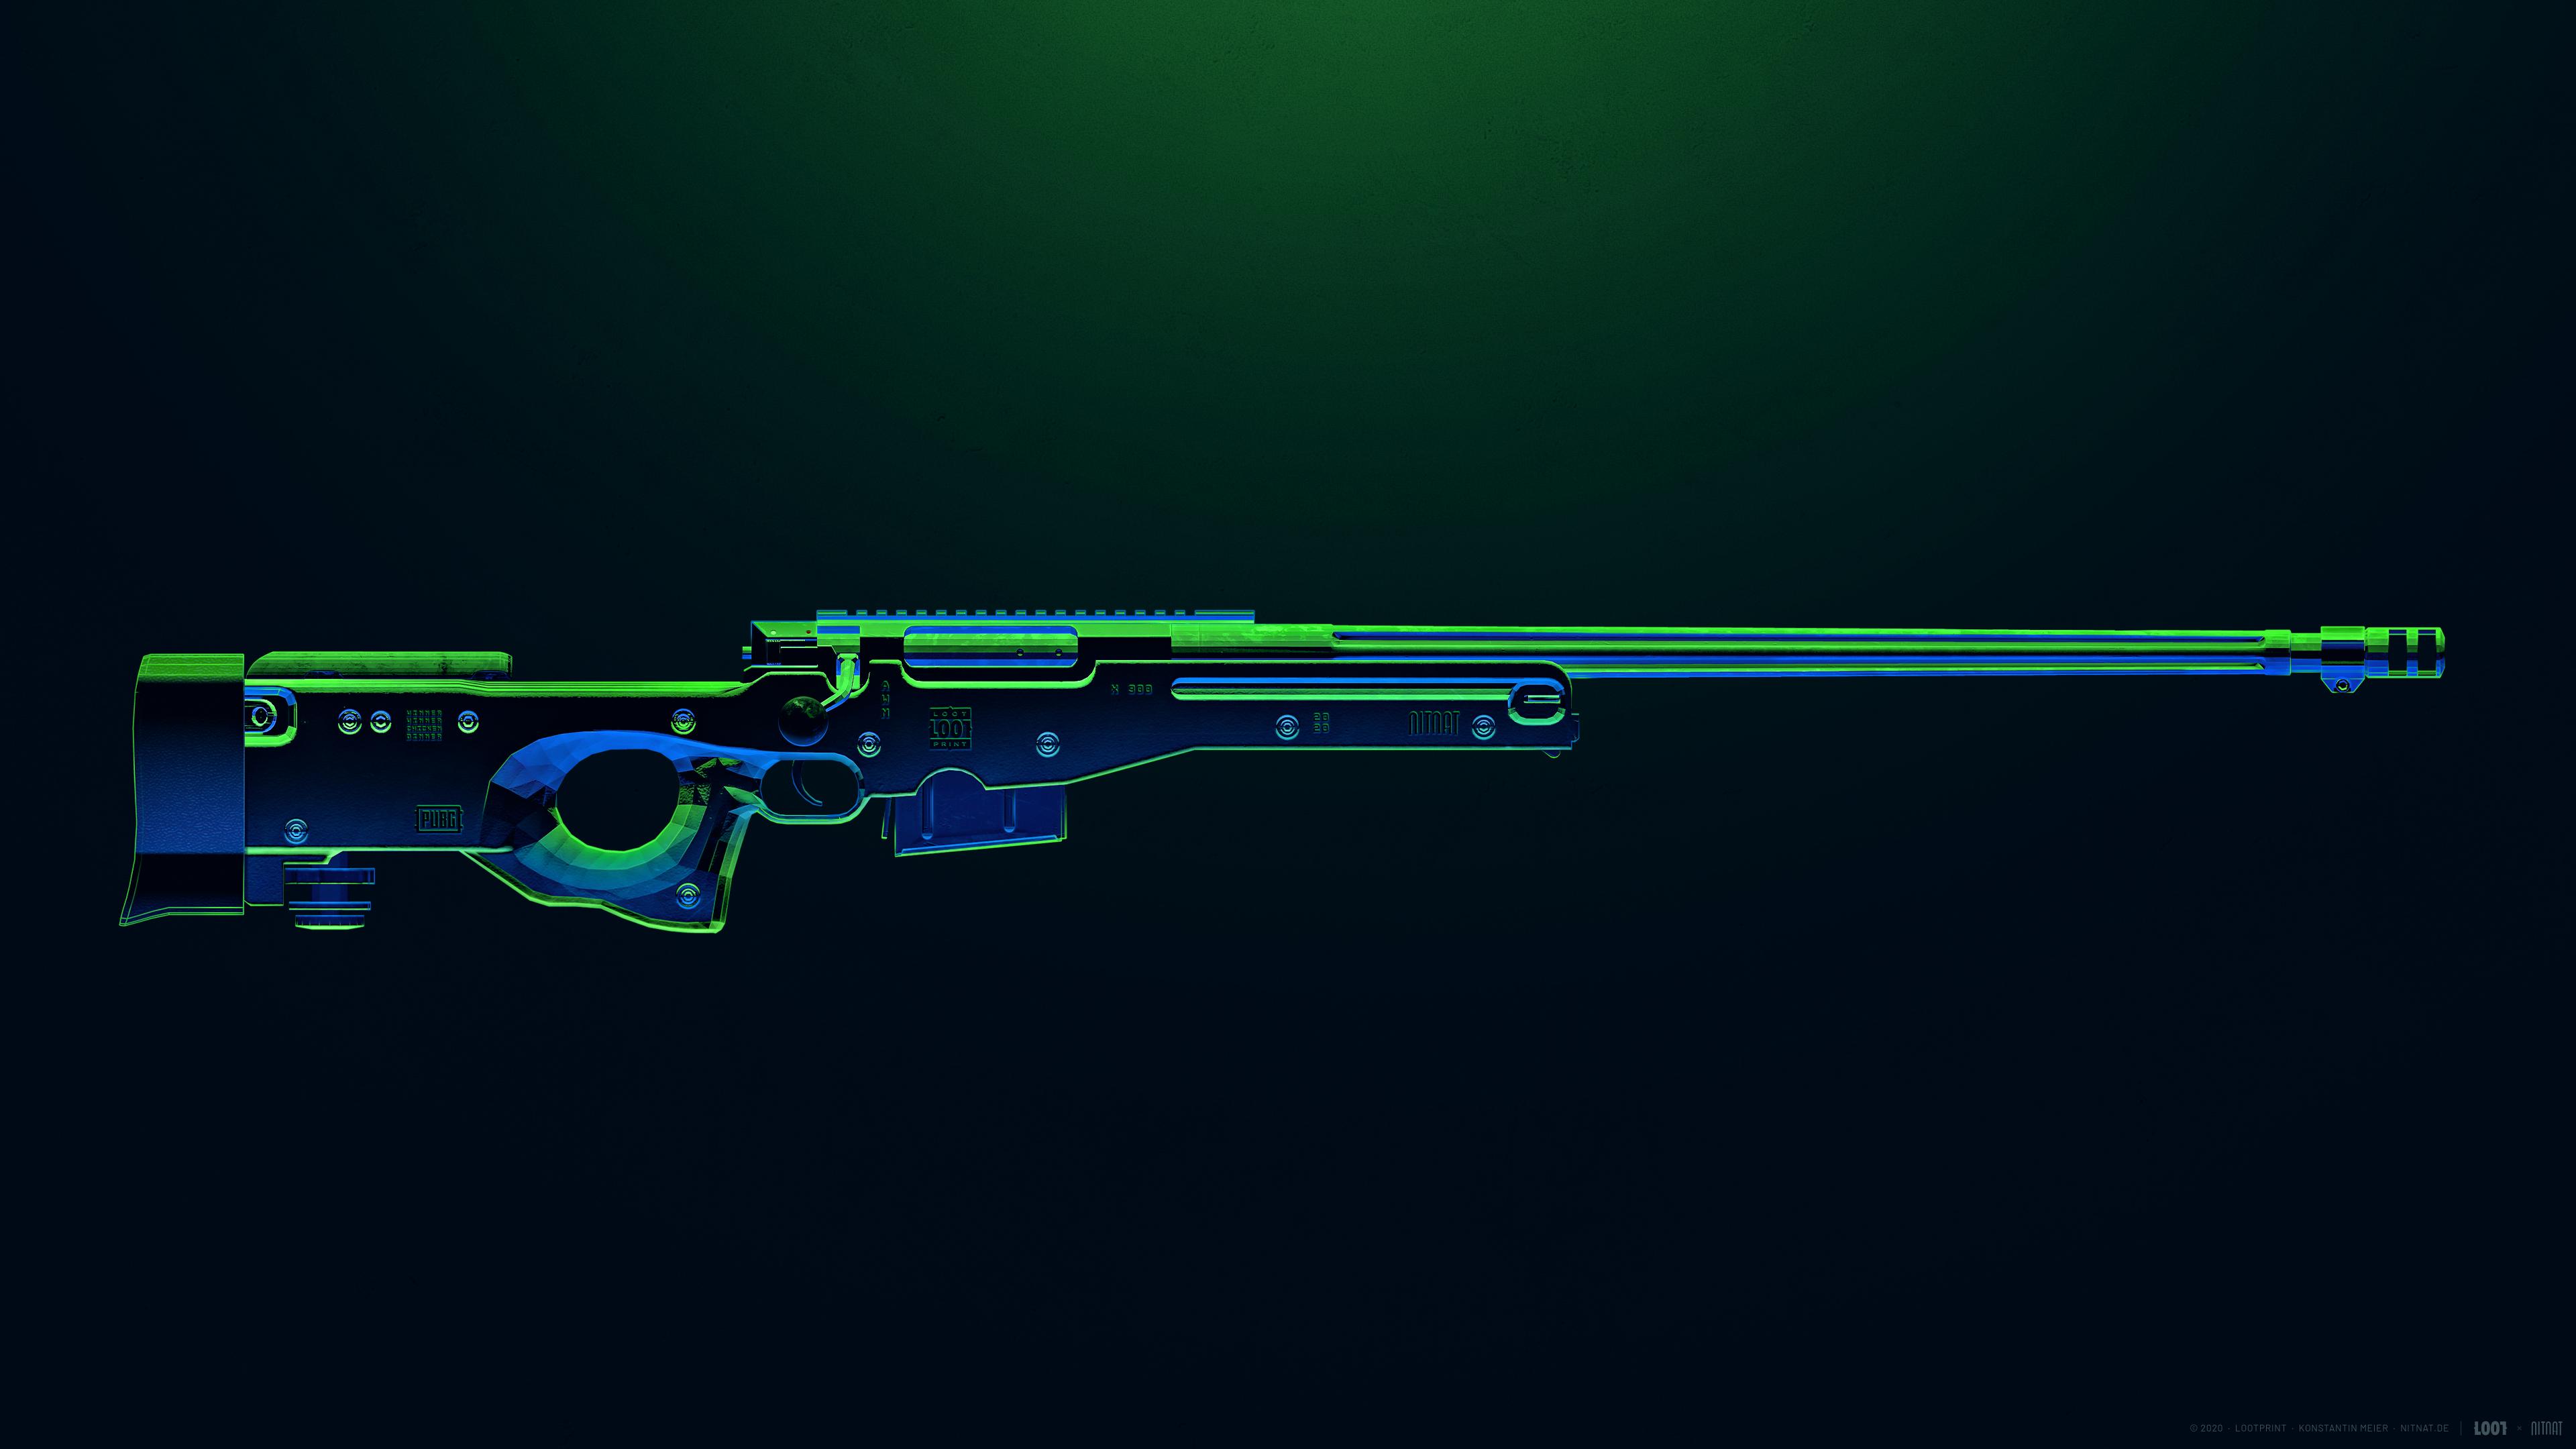 Wallpaper PUBG AWM Weapon